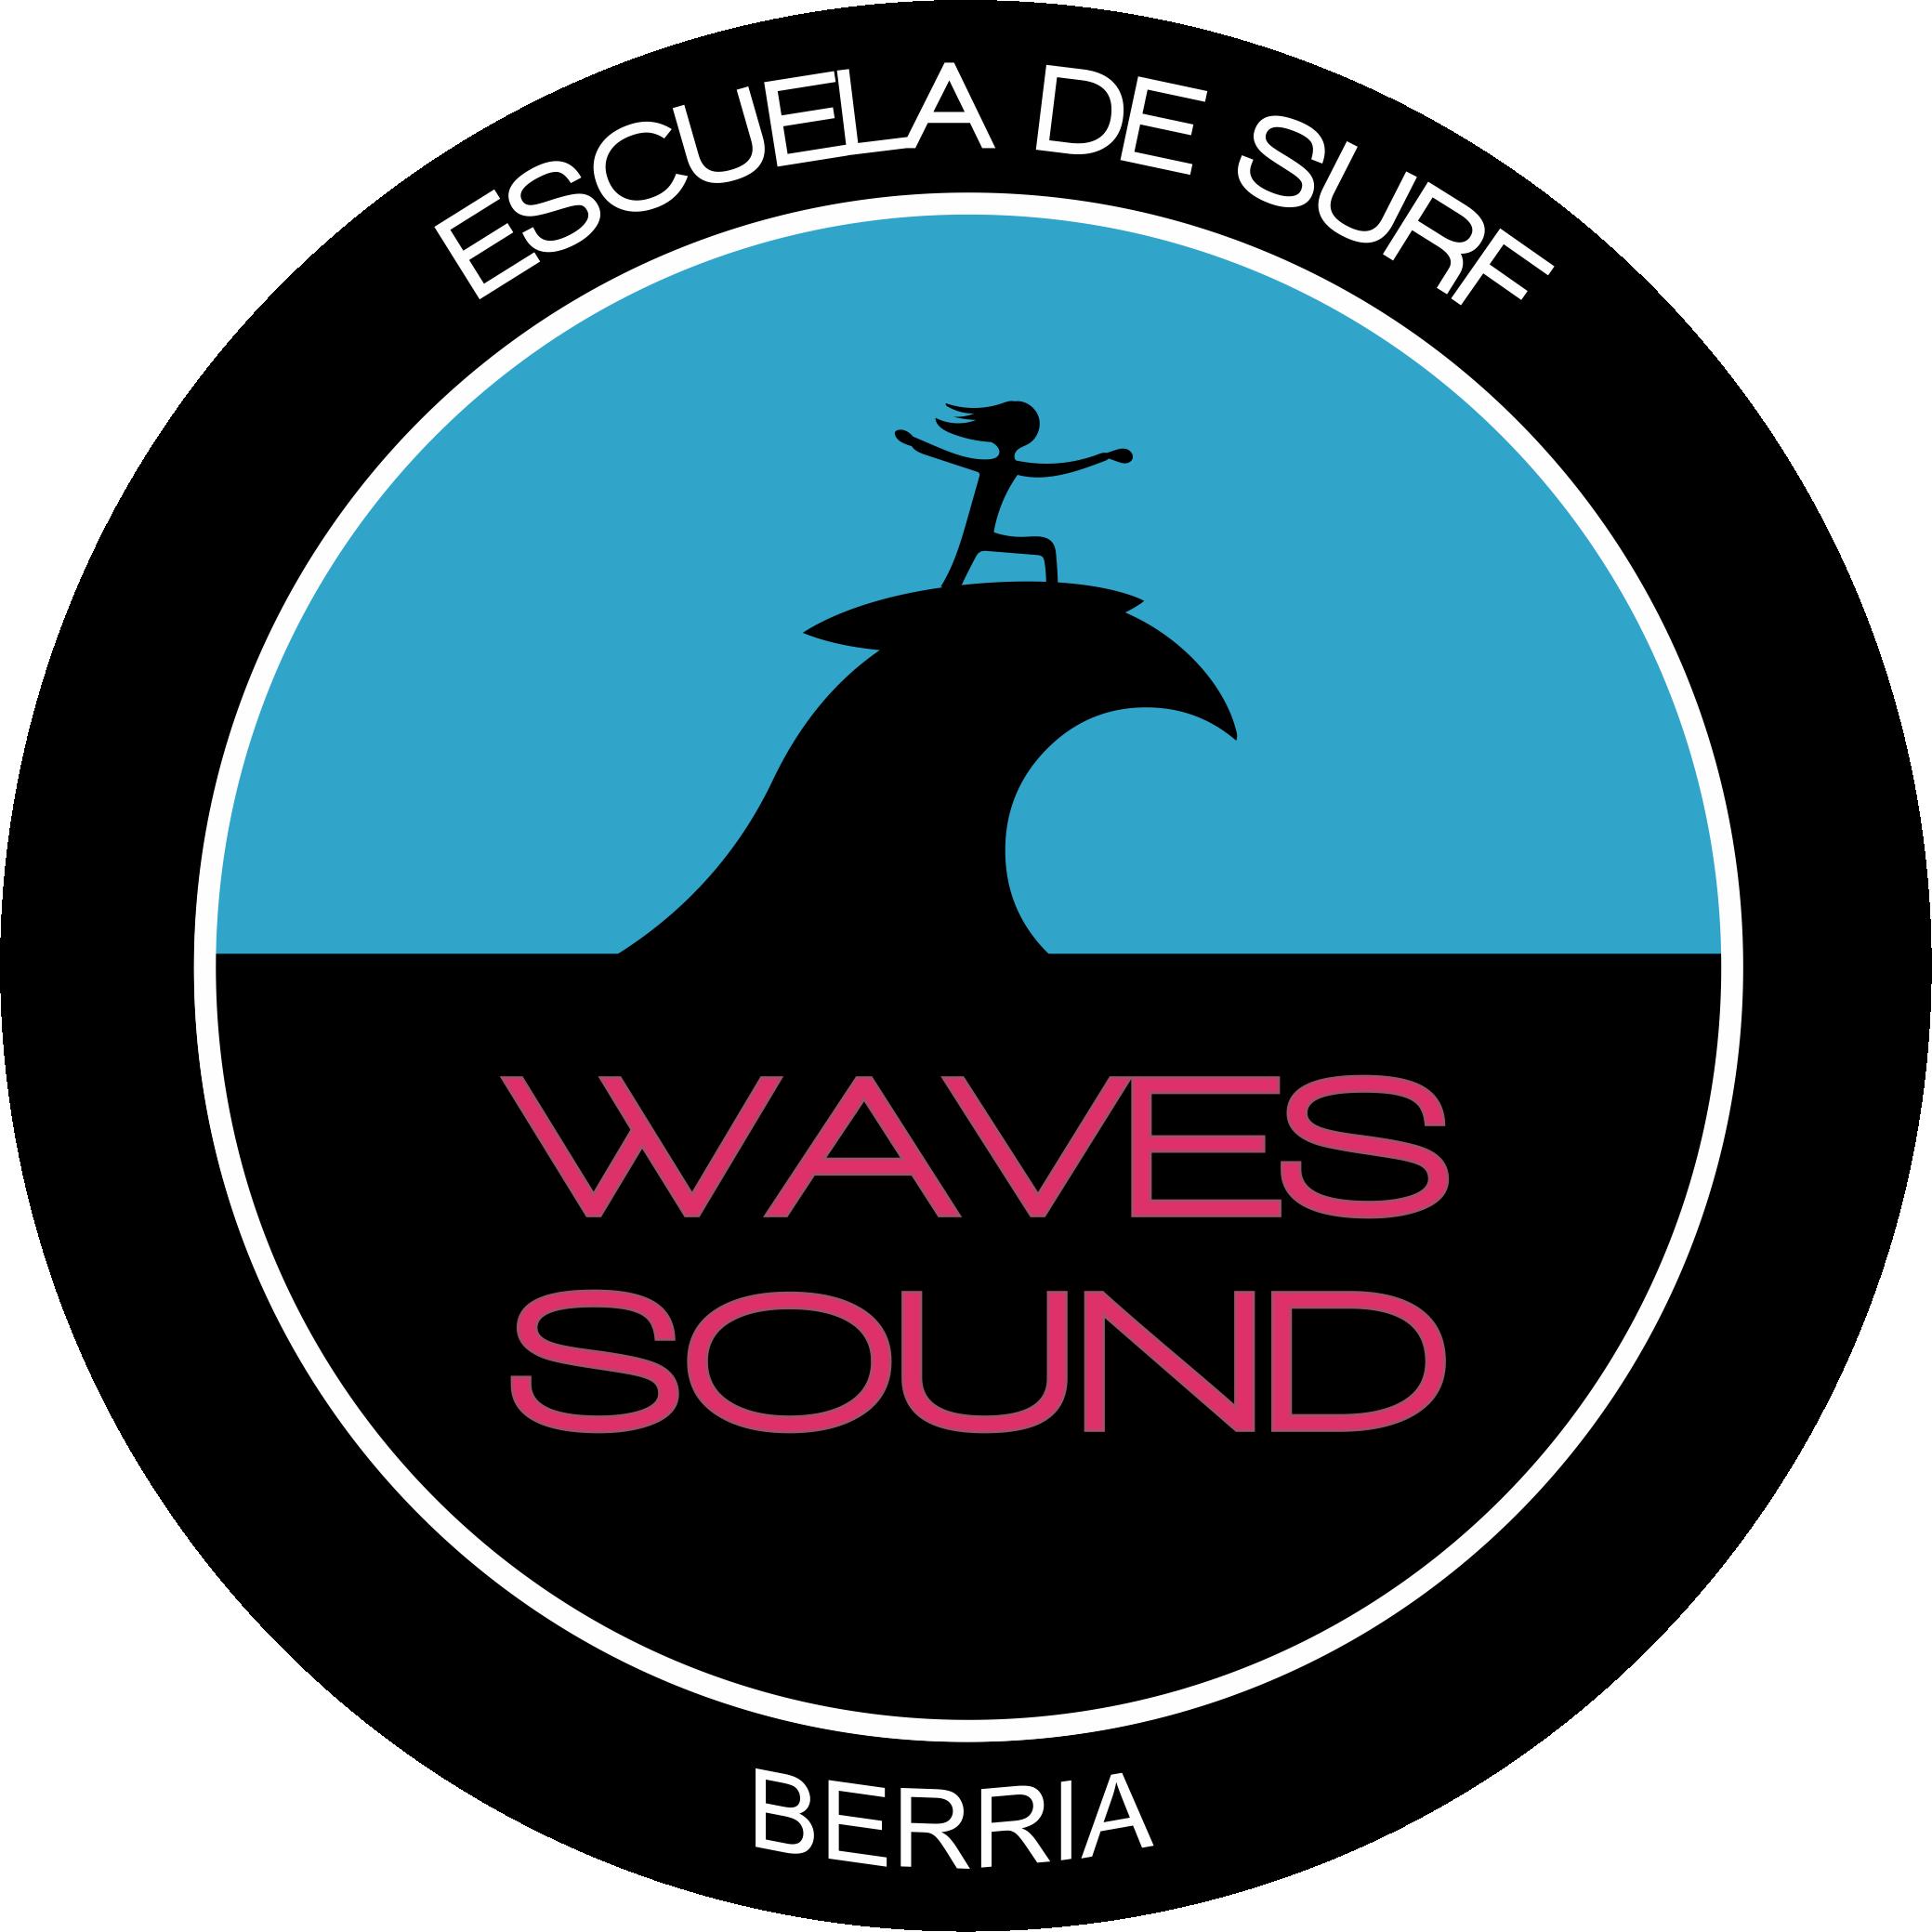 Escuela de Surf Waves Sound